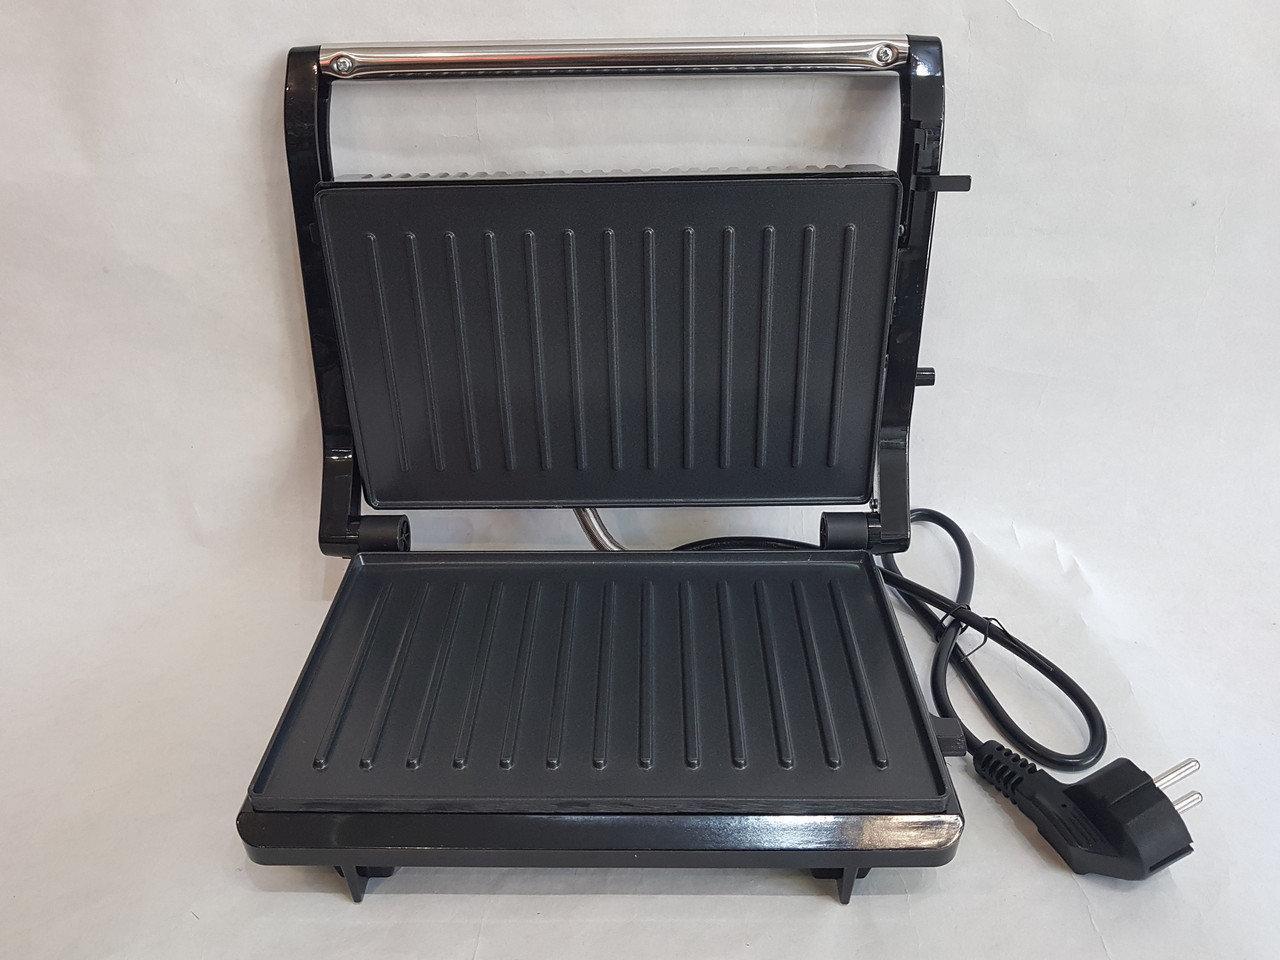 Гриль прижимной домашний Wimpex BBQ WX 1063 | Сэндвичница | Электрогриль | Бутербродница